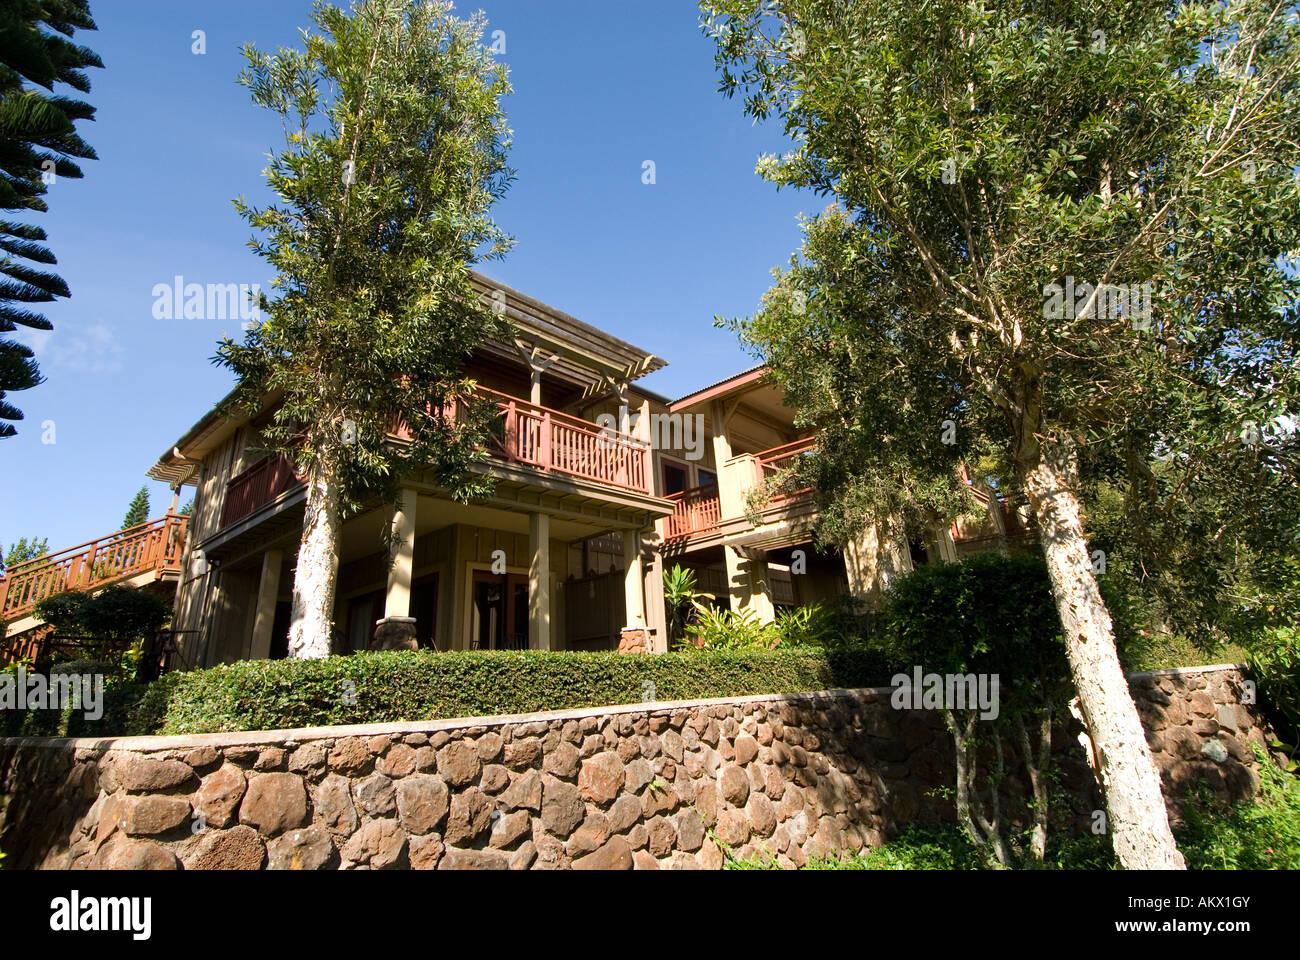 Molokai Ranch Stock Photos & Molokai Ranch Stock Images